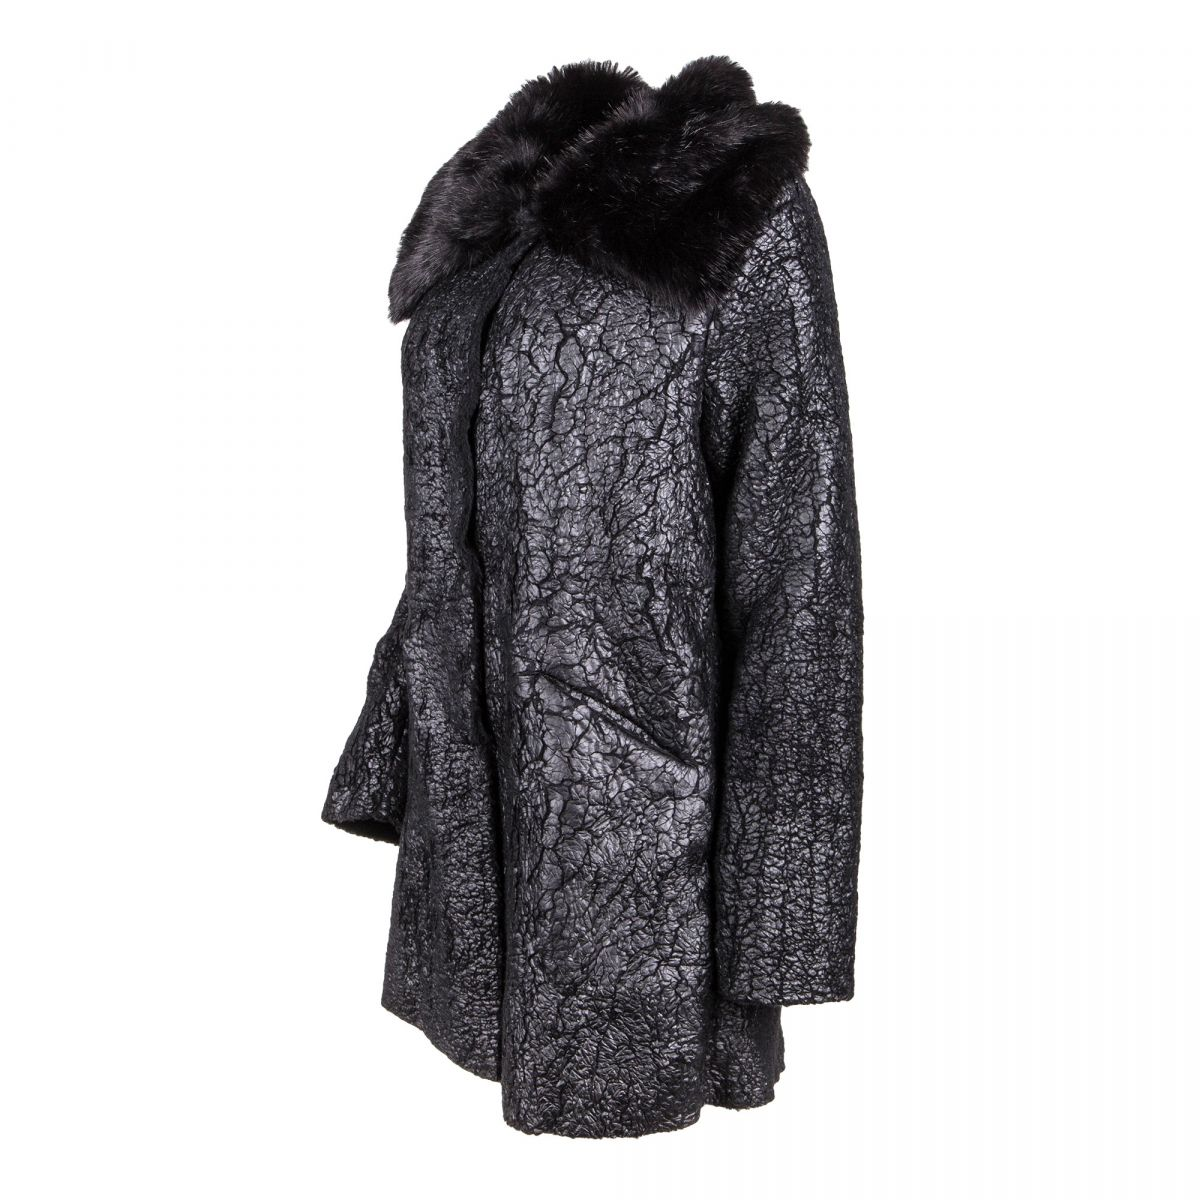 noir Manteau GUESS fourrure col Femme à dégriffé prix fausse k8Pn0Ow